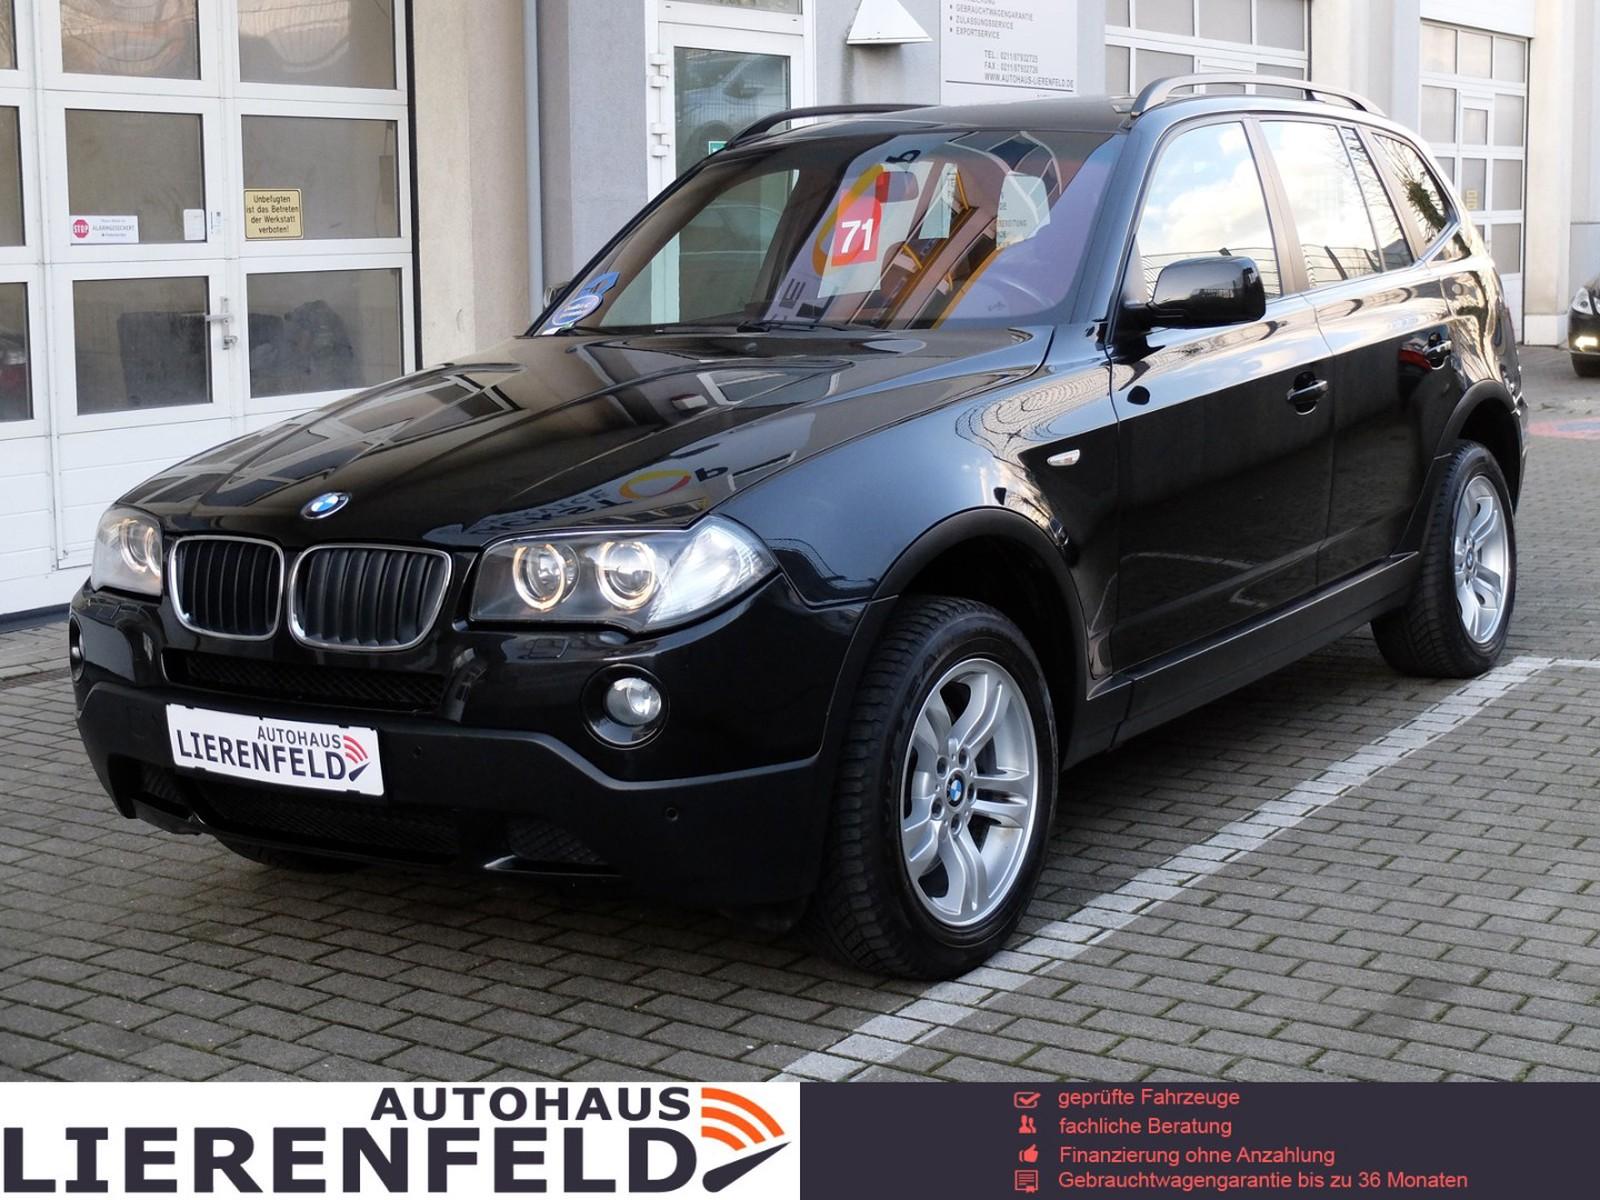 Bmw X3 2 0d Used Buy In Düsseldorf Price 7990 Eur Int Nr 658 Sold